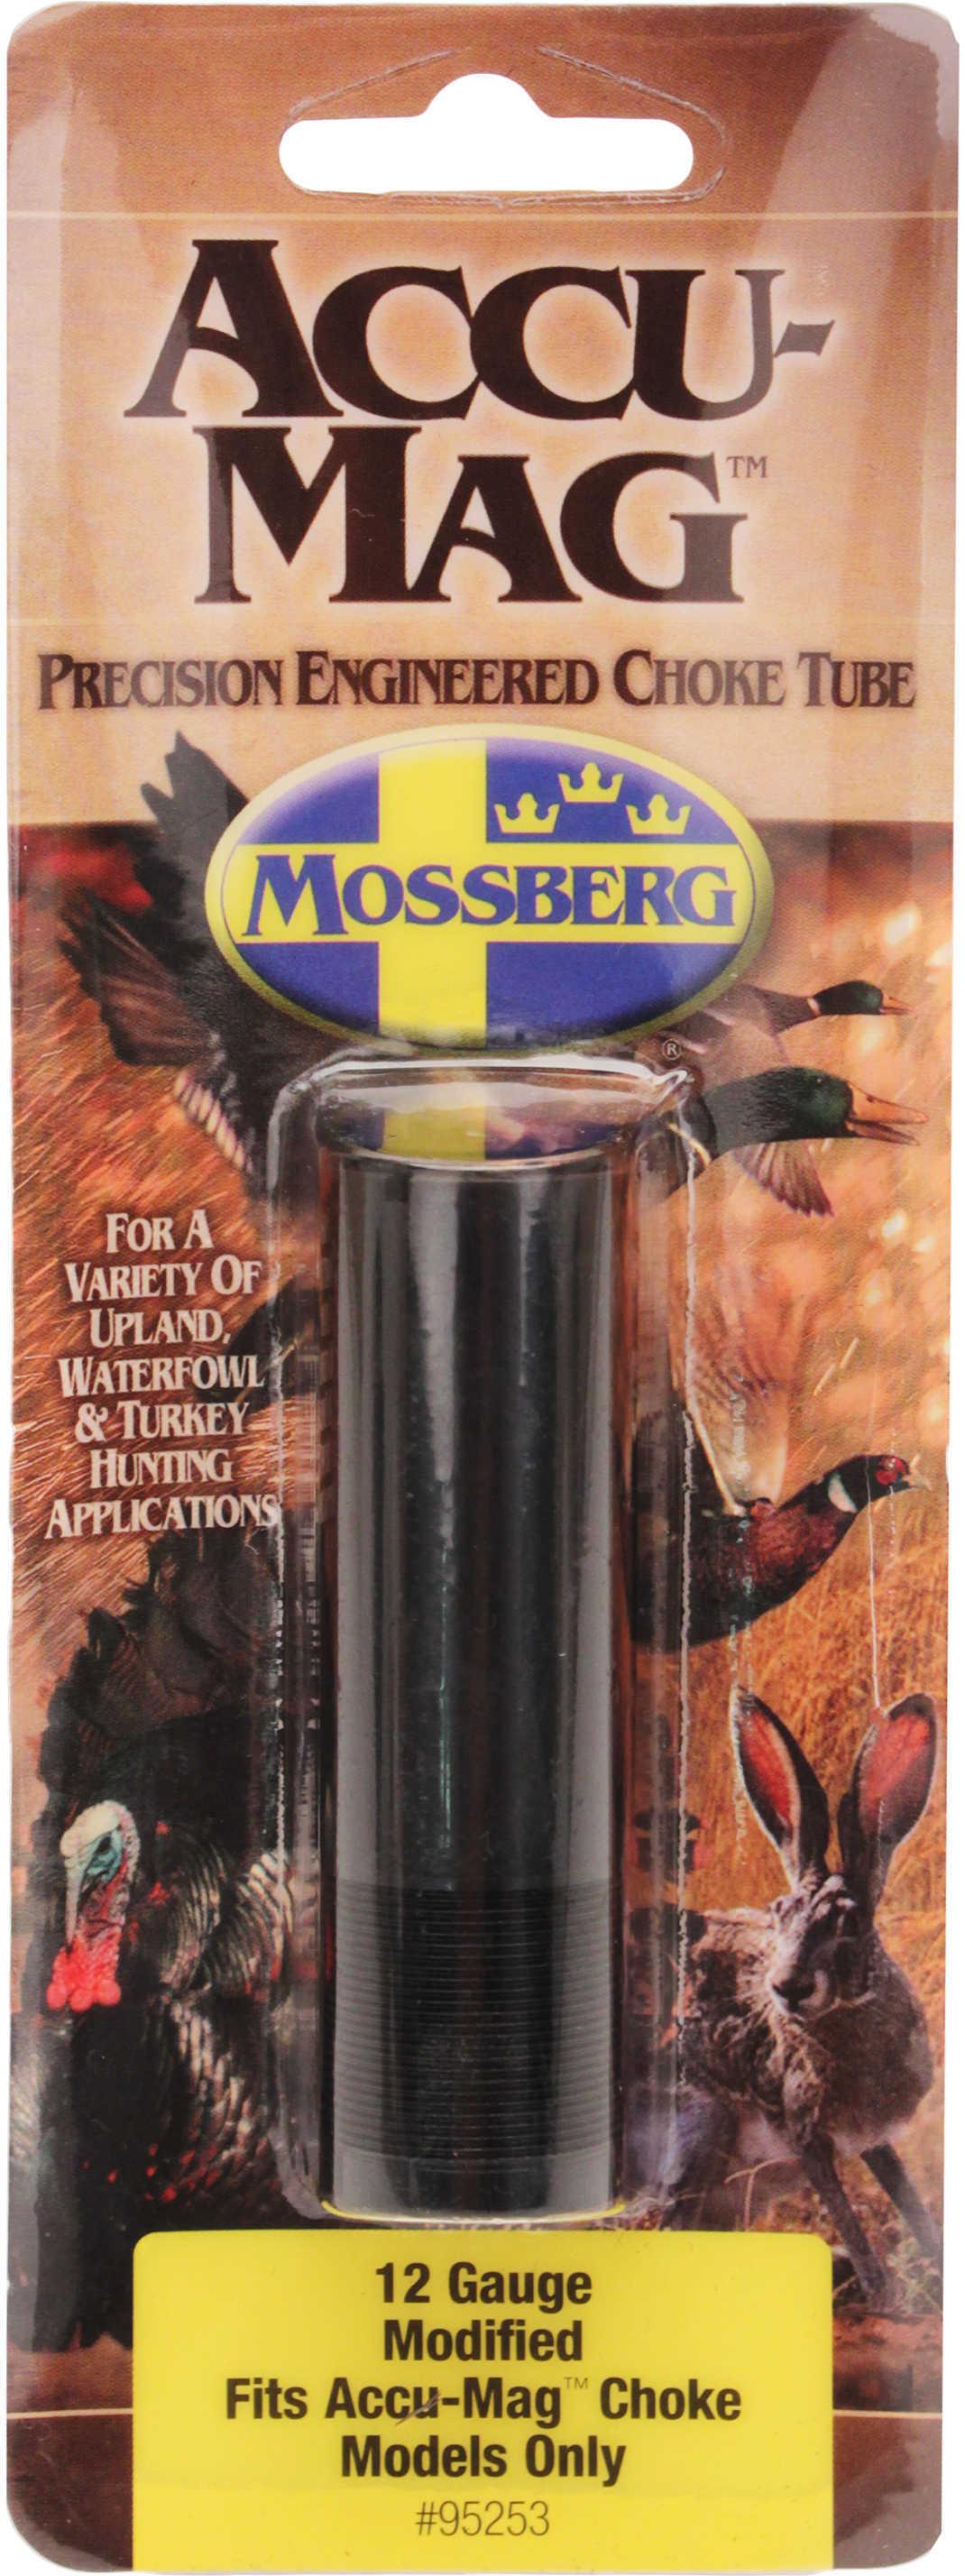 Mossberg Accu-Mag Choke Tube 12 Gauge, Modified Md: 95253